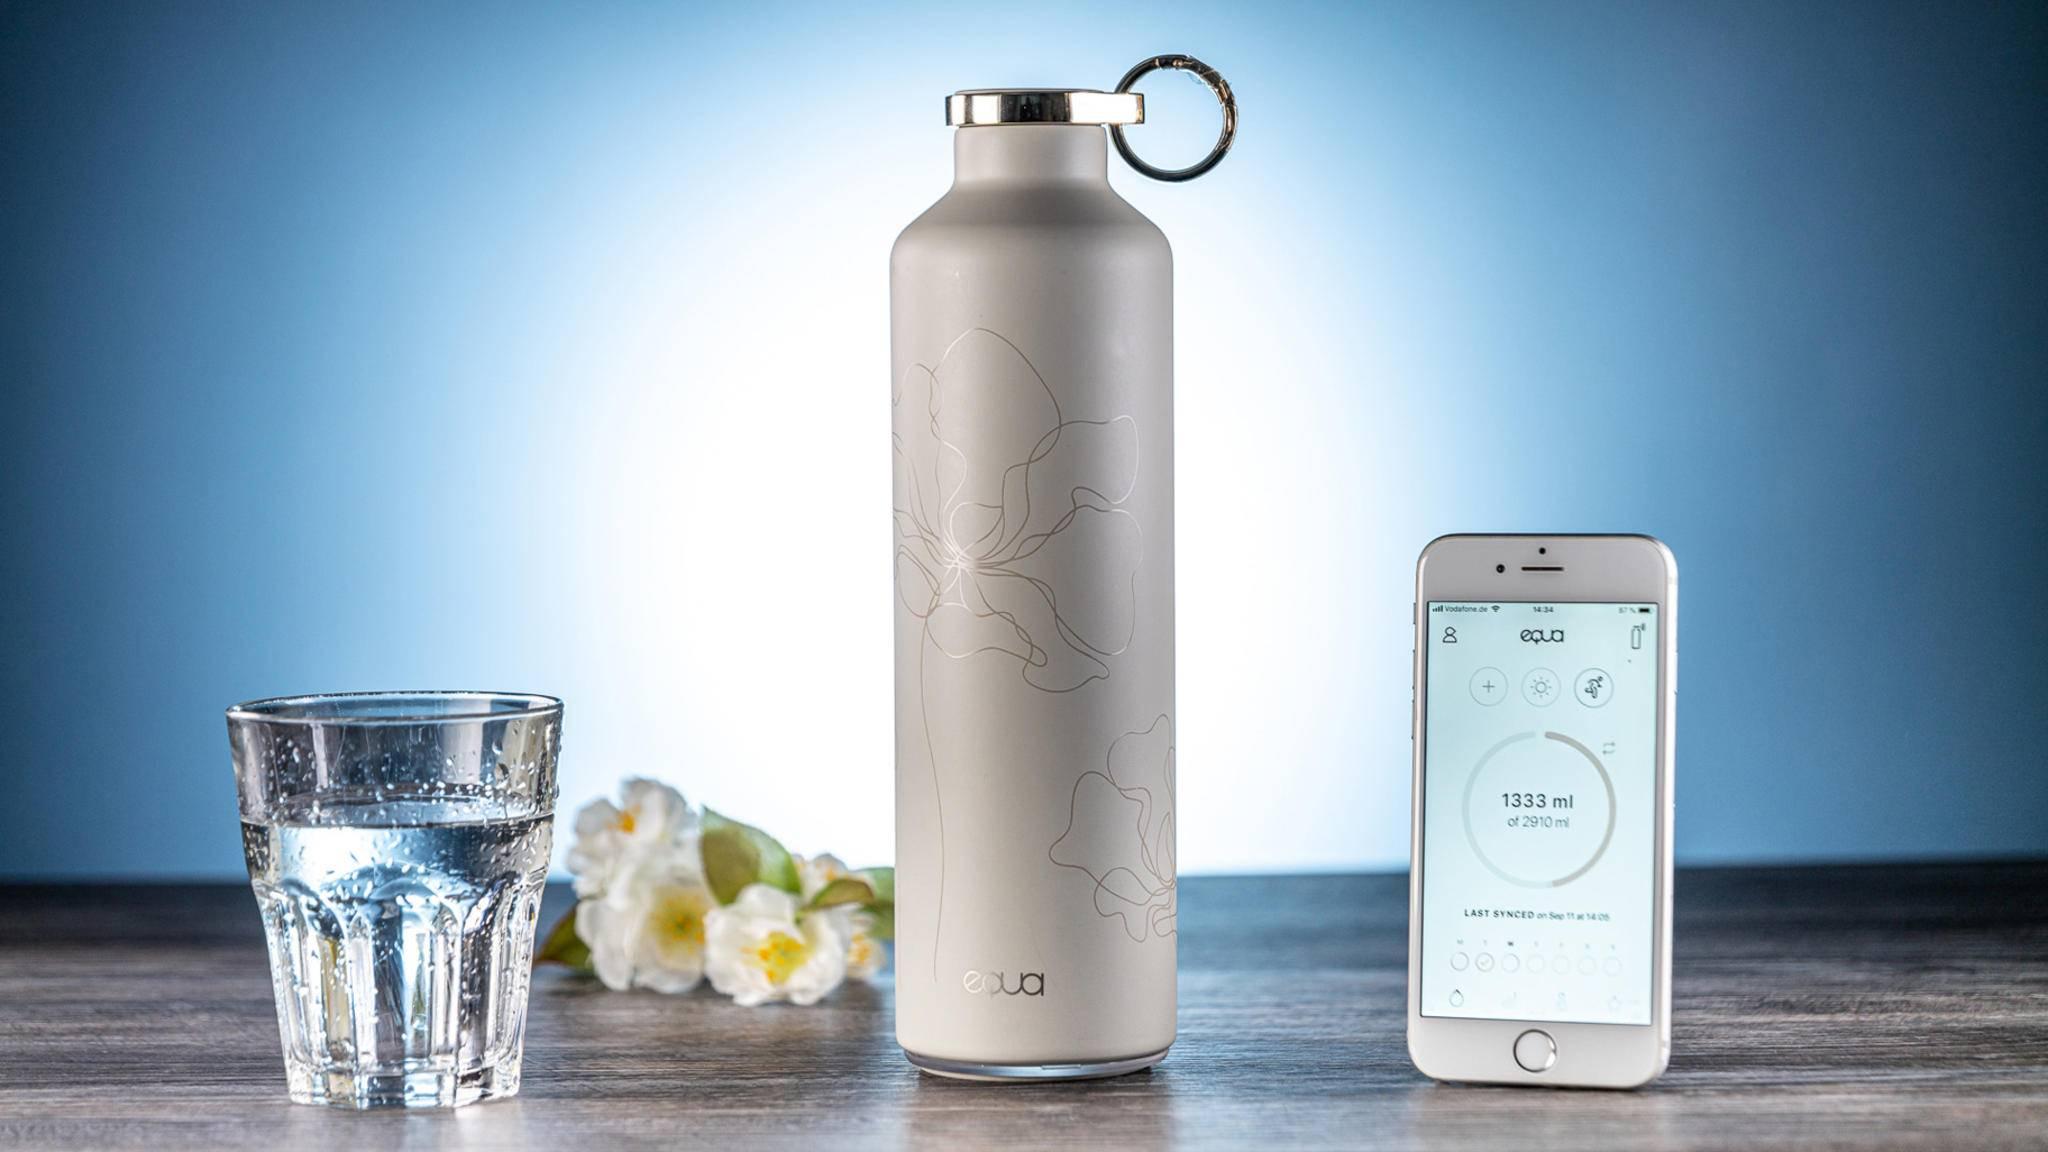 Dein gutes Trink-Gewissen: Die Thermosflasche Equa Smart passt auf, dass Du genug Flüssigkeit zu Dir nimmst.